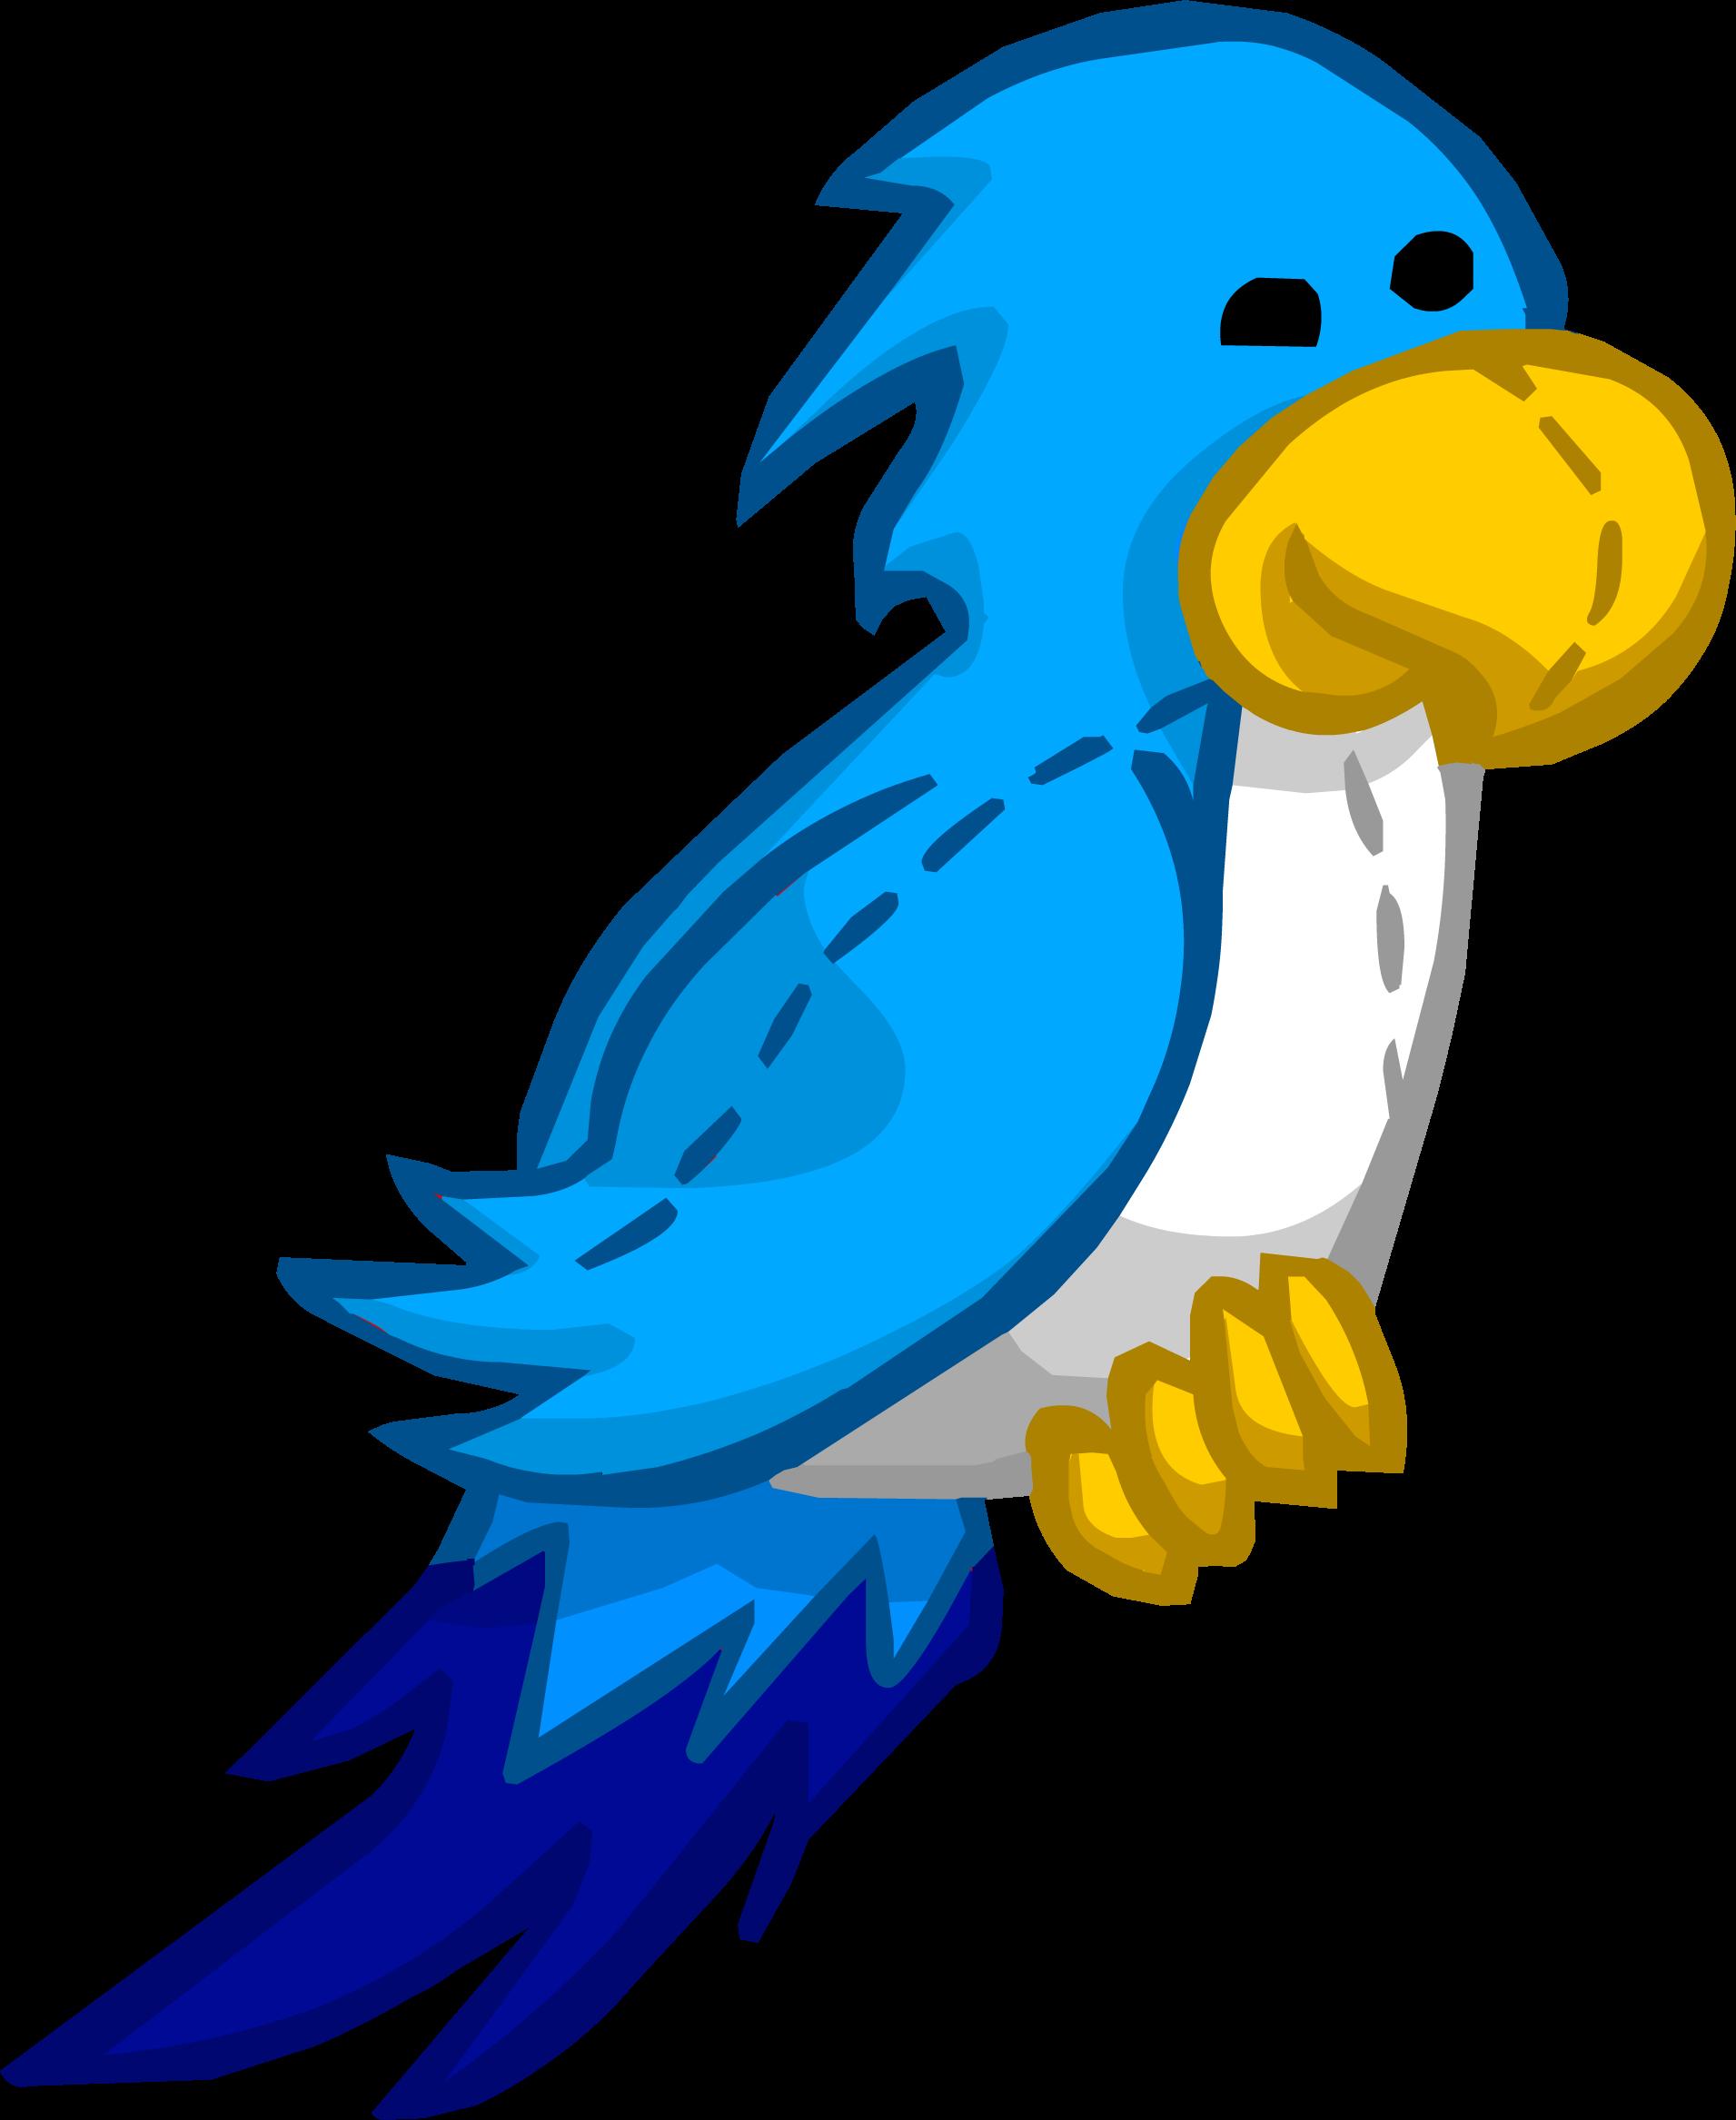 Parrot clipart parrot head. Image blue png club